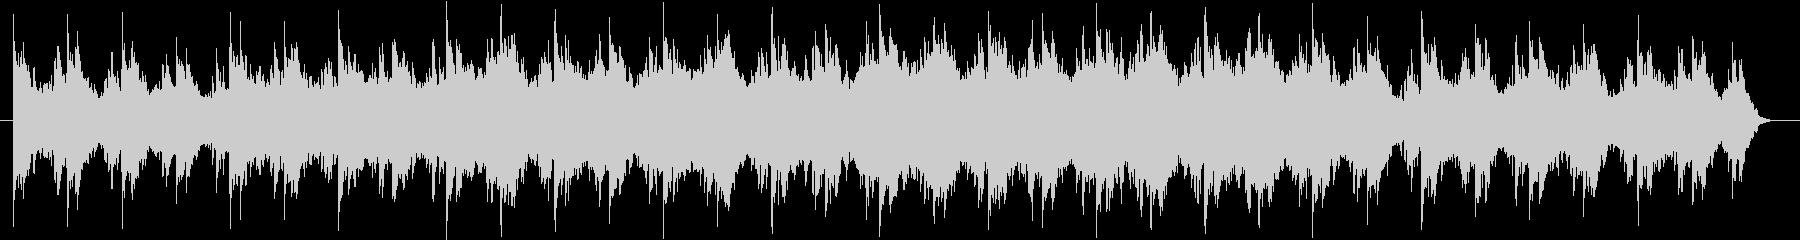 ピアノとバイオリンのエレクトロニカの未再生の波形